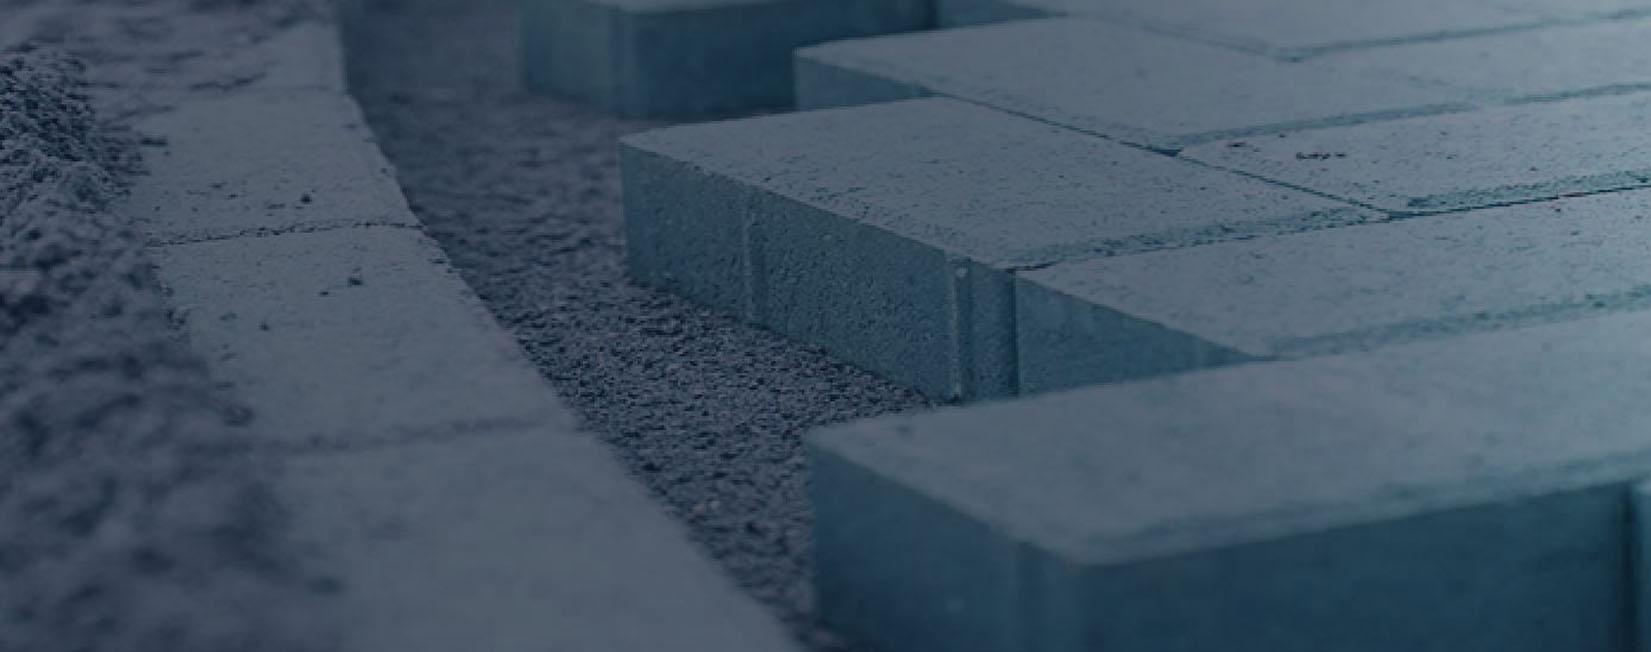 Цены на укладку тротуарной плитки в свердловской области